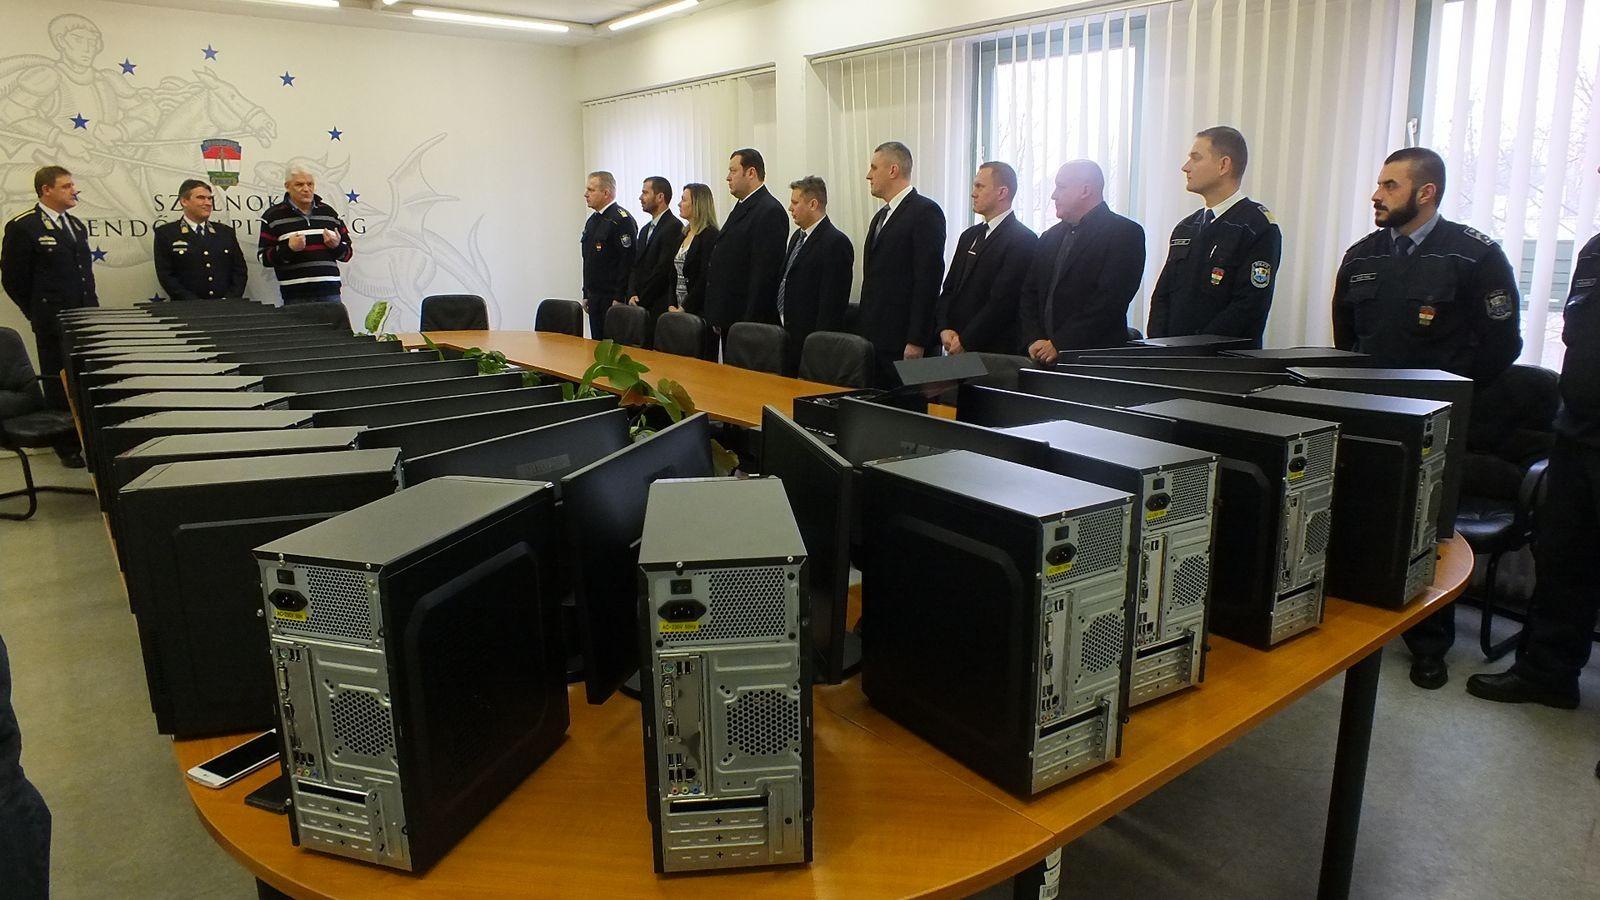 Számítógépeket kaptak a szolnoki rendőrök